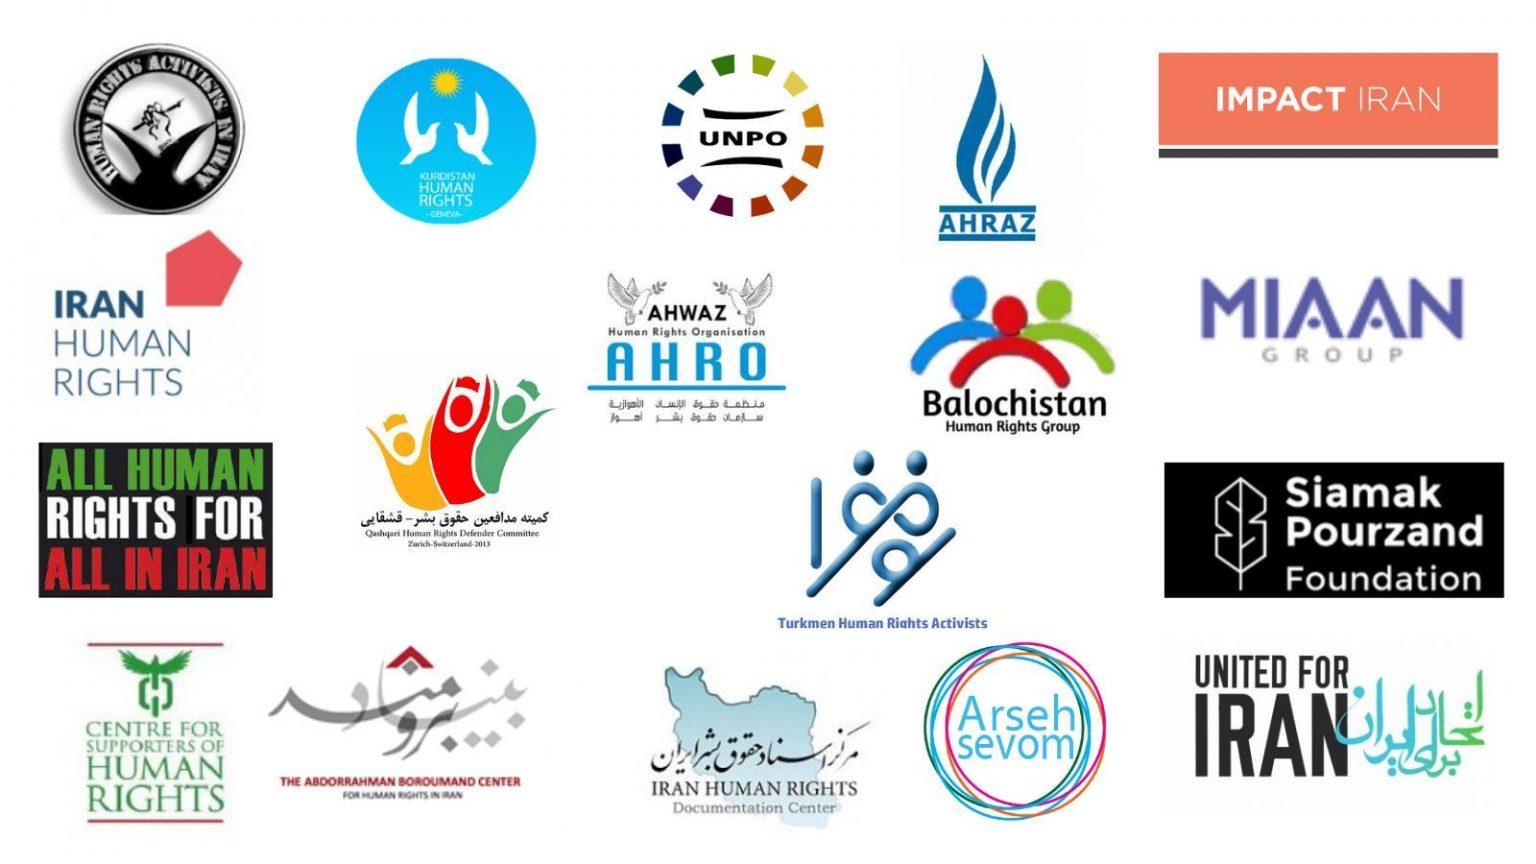 هجده سازمان حقوق بشری و مدنی در بیانیه ای مشترک، خواستار آزادی علیرضا فرشی شدند